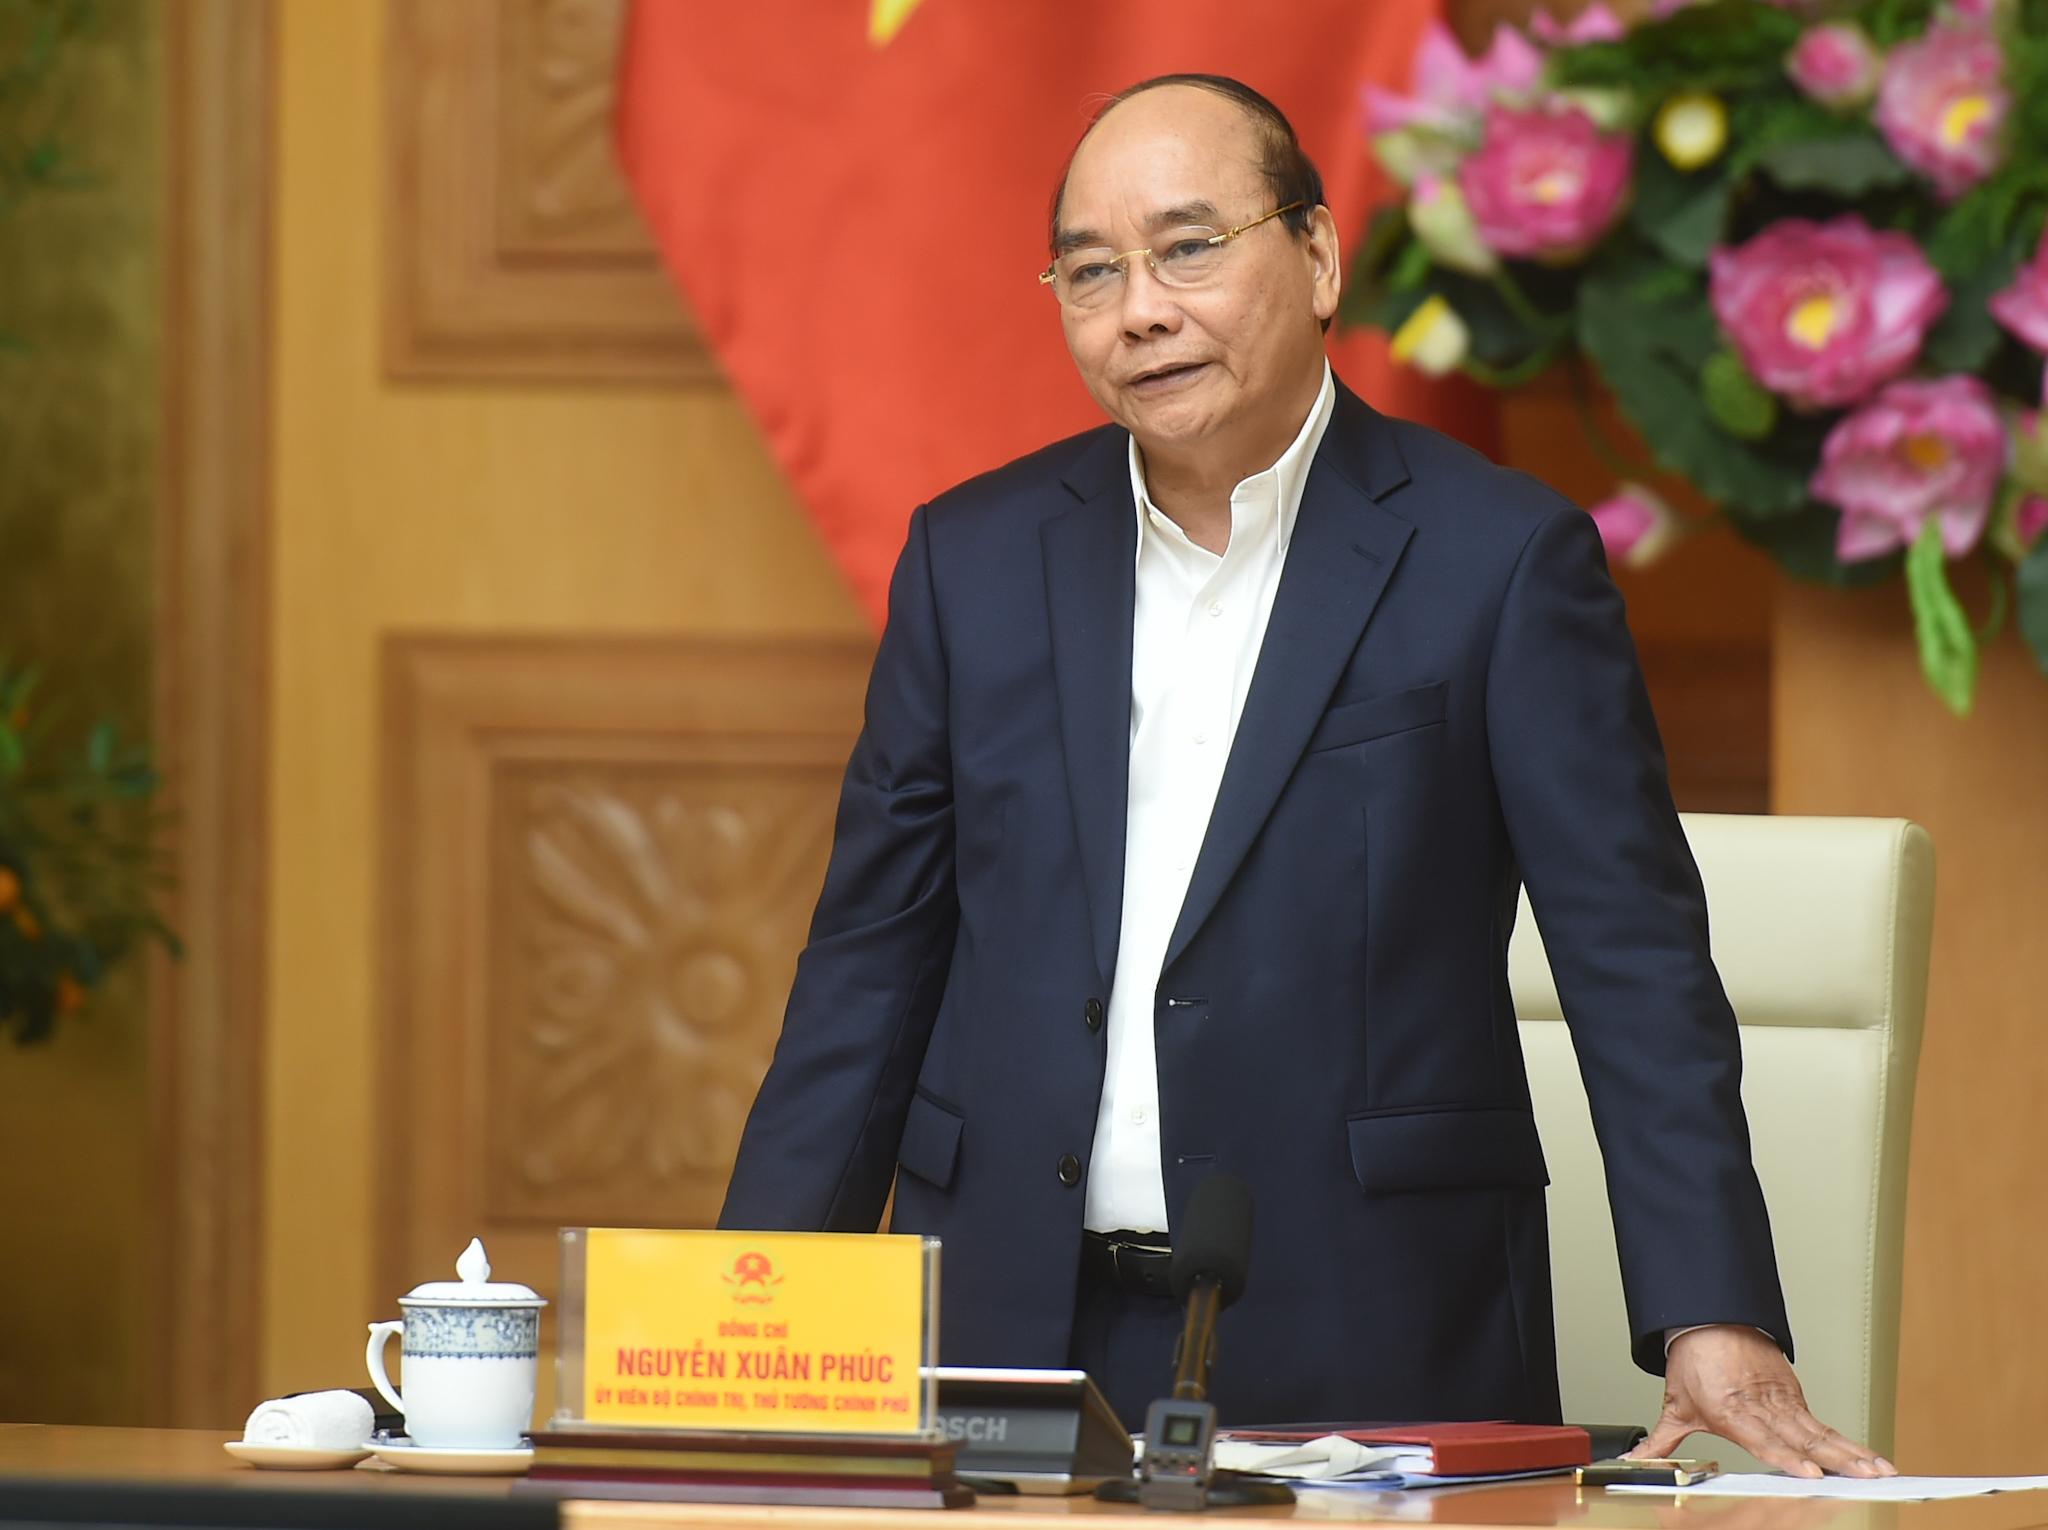 Thủ tướng Nguyễn Xuân Phúc: Phải chống lợi ích nhóm, tiêu cực trong điều chỉnh quy hoạch - Ảnh: VGP/Quang Hiếu